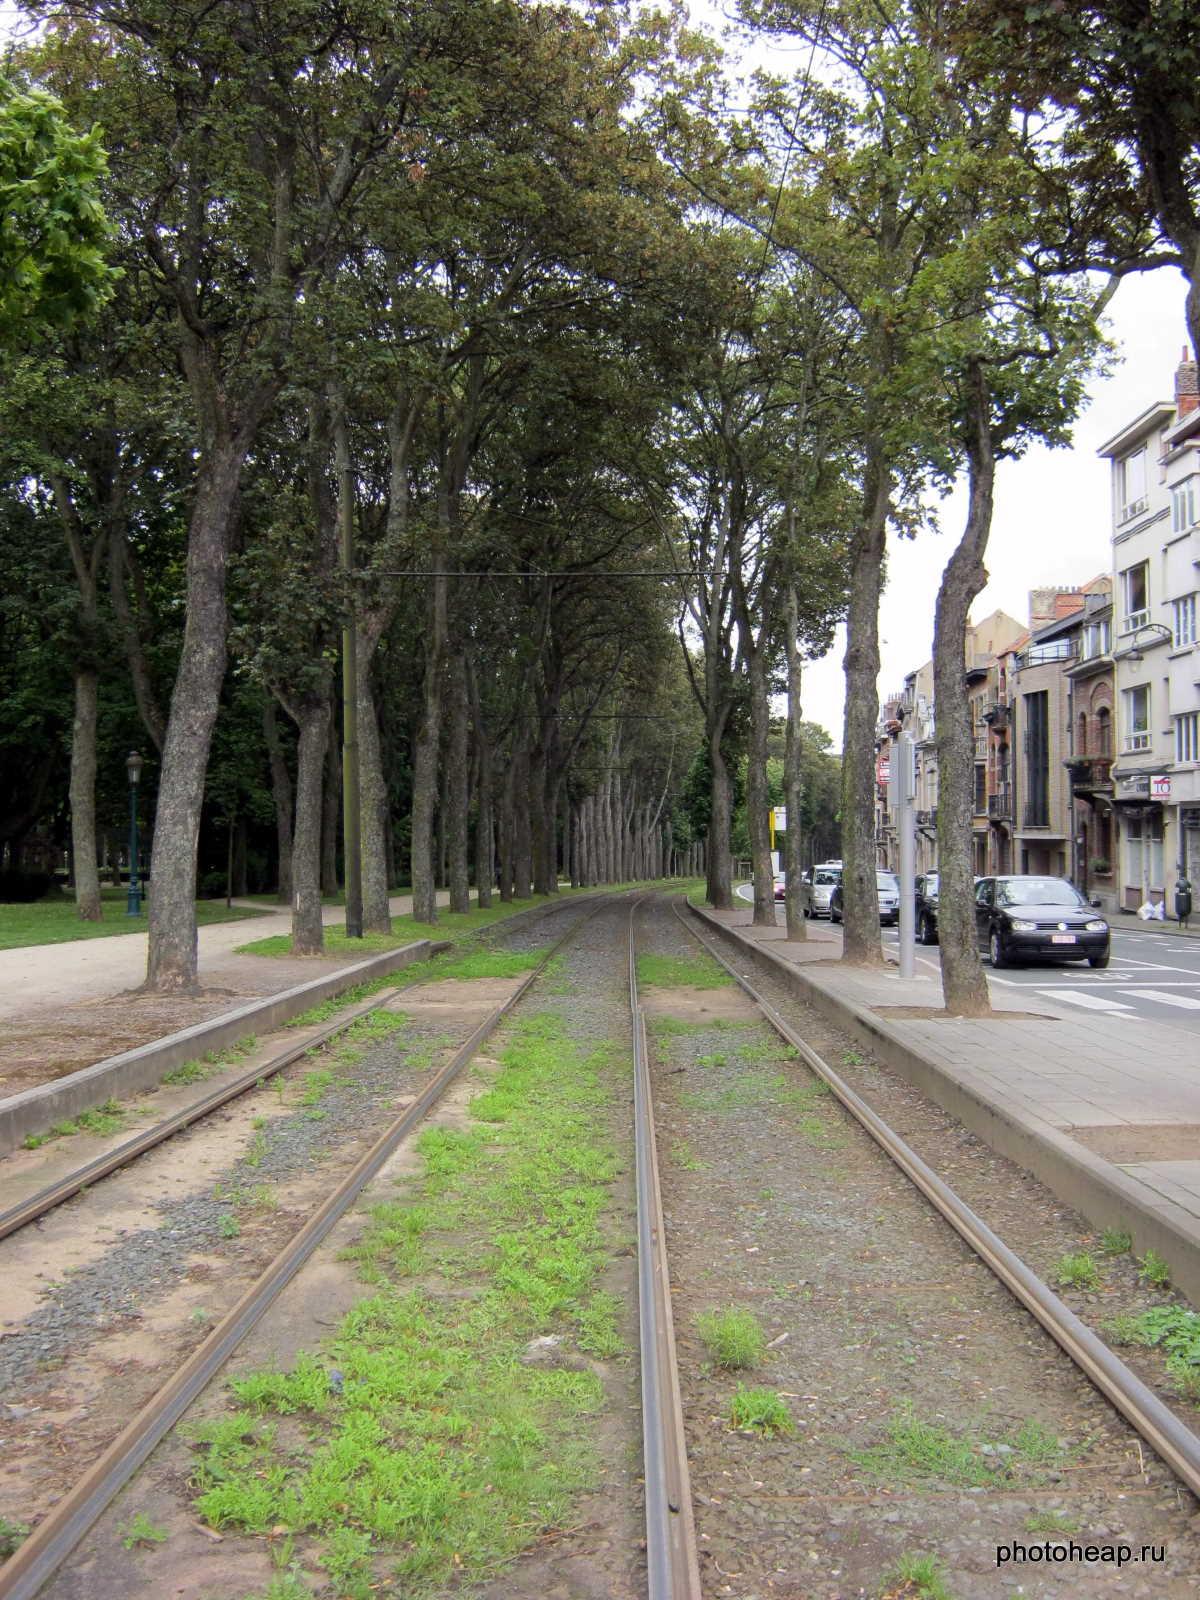 Brussels - Tram rails